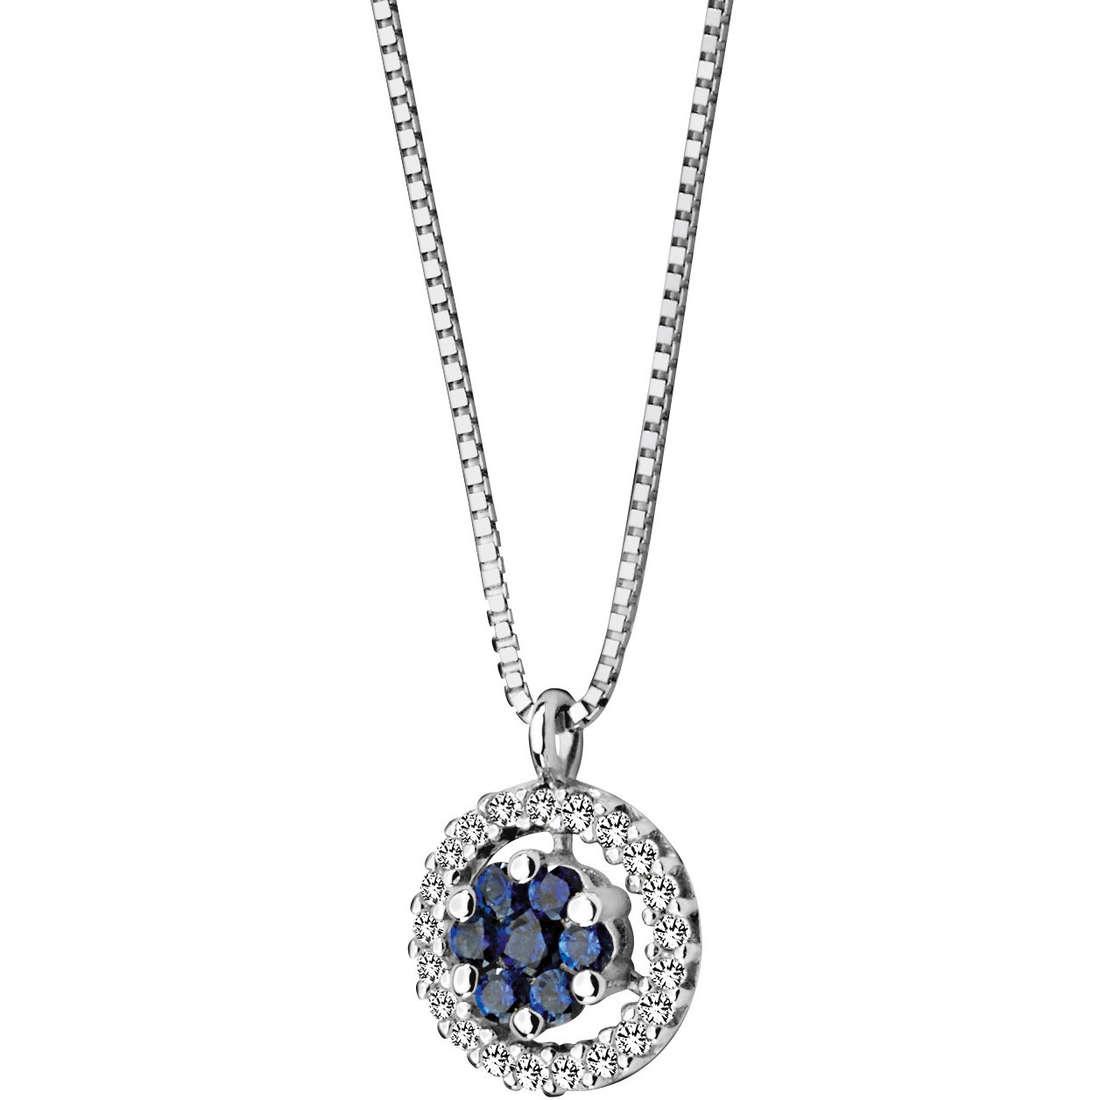 collana donna gioielli Comete Pietre preziose colorate GLB 624